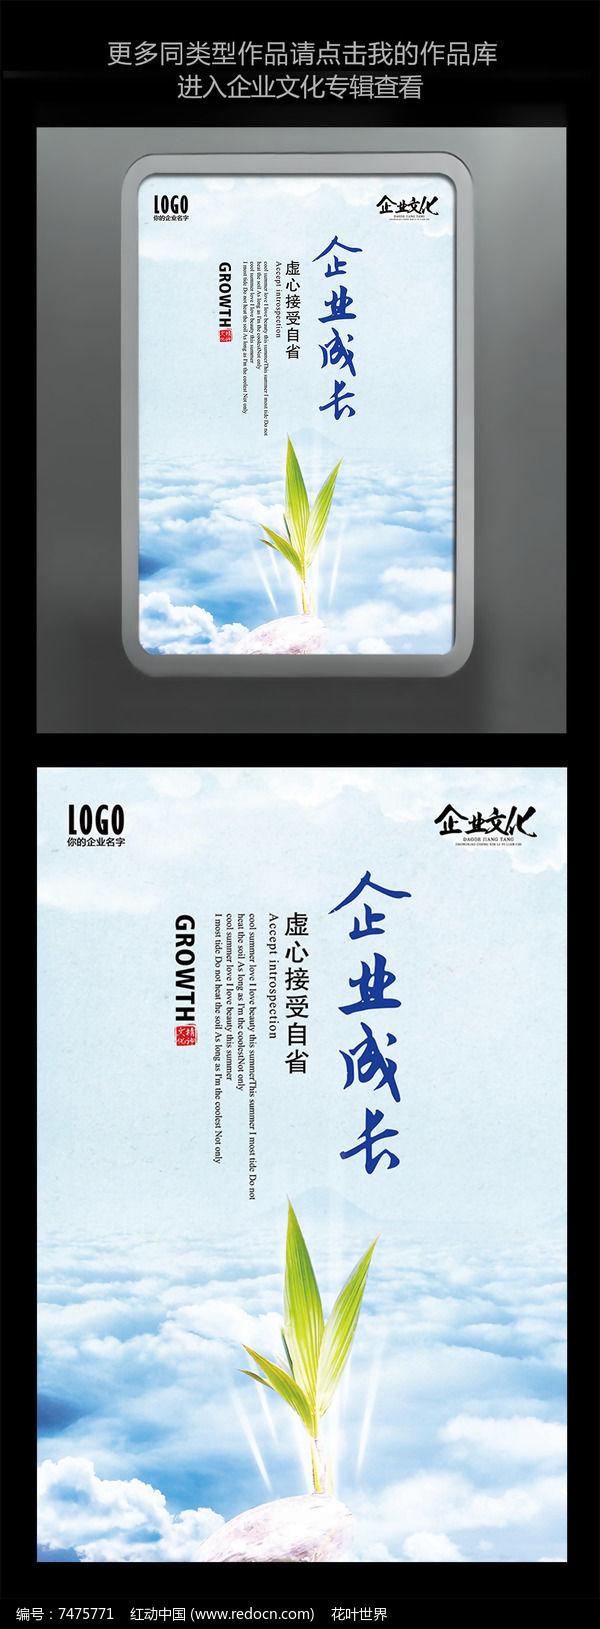 文化a文化蓝色天空成长机械展板手机PSD精品素材v文化企业可以练题吗图片